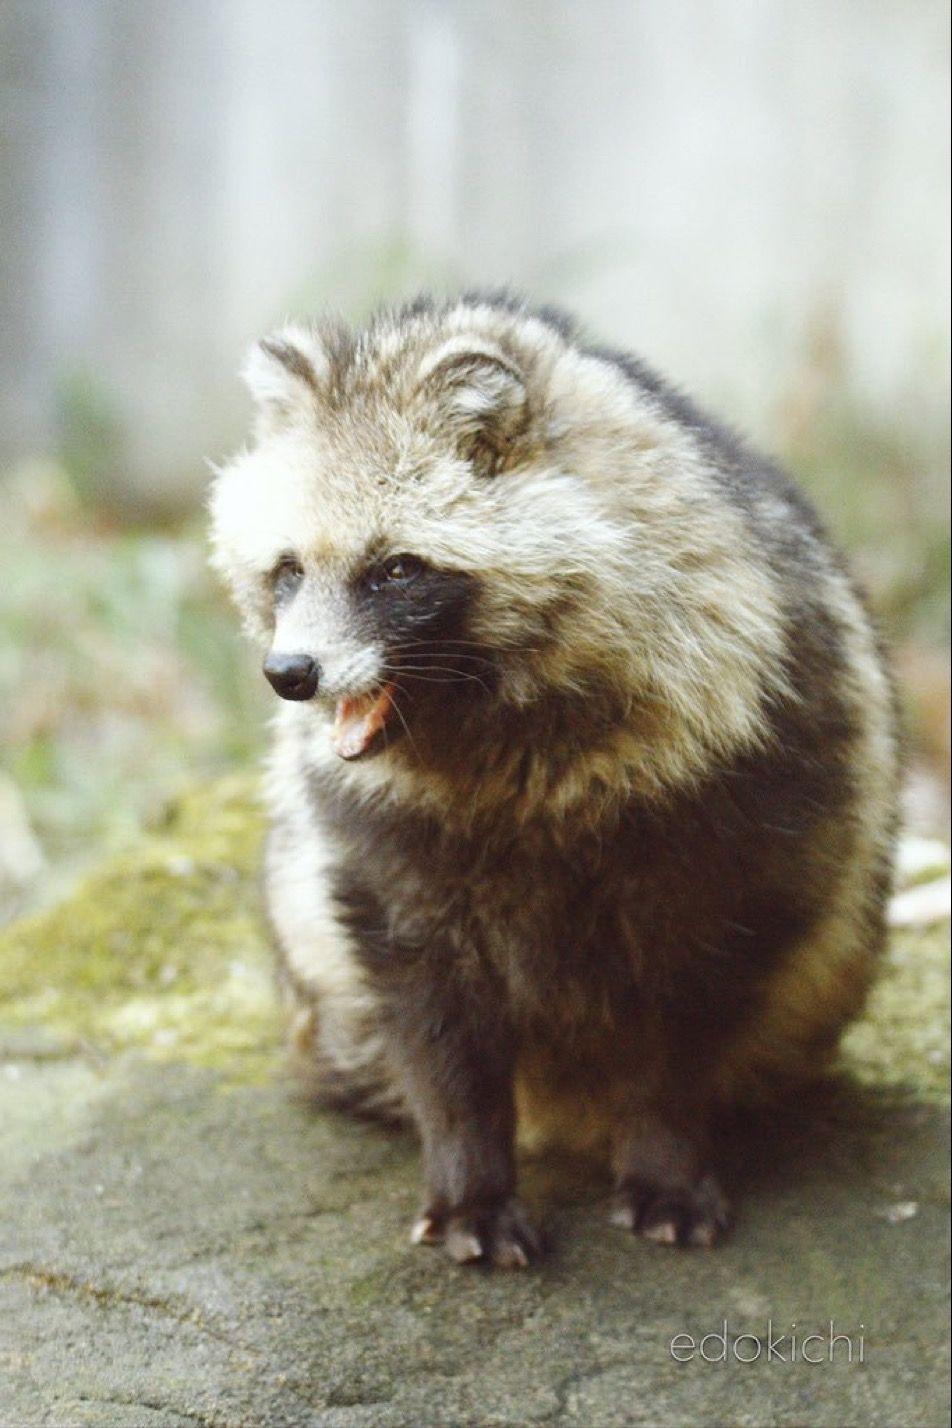 タヌキ Raccoon Dog タヌキ いぬ 動物 写真